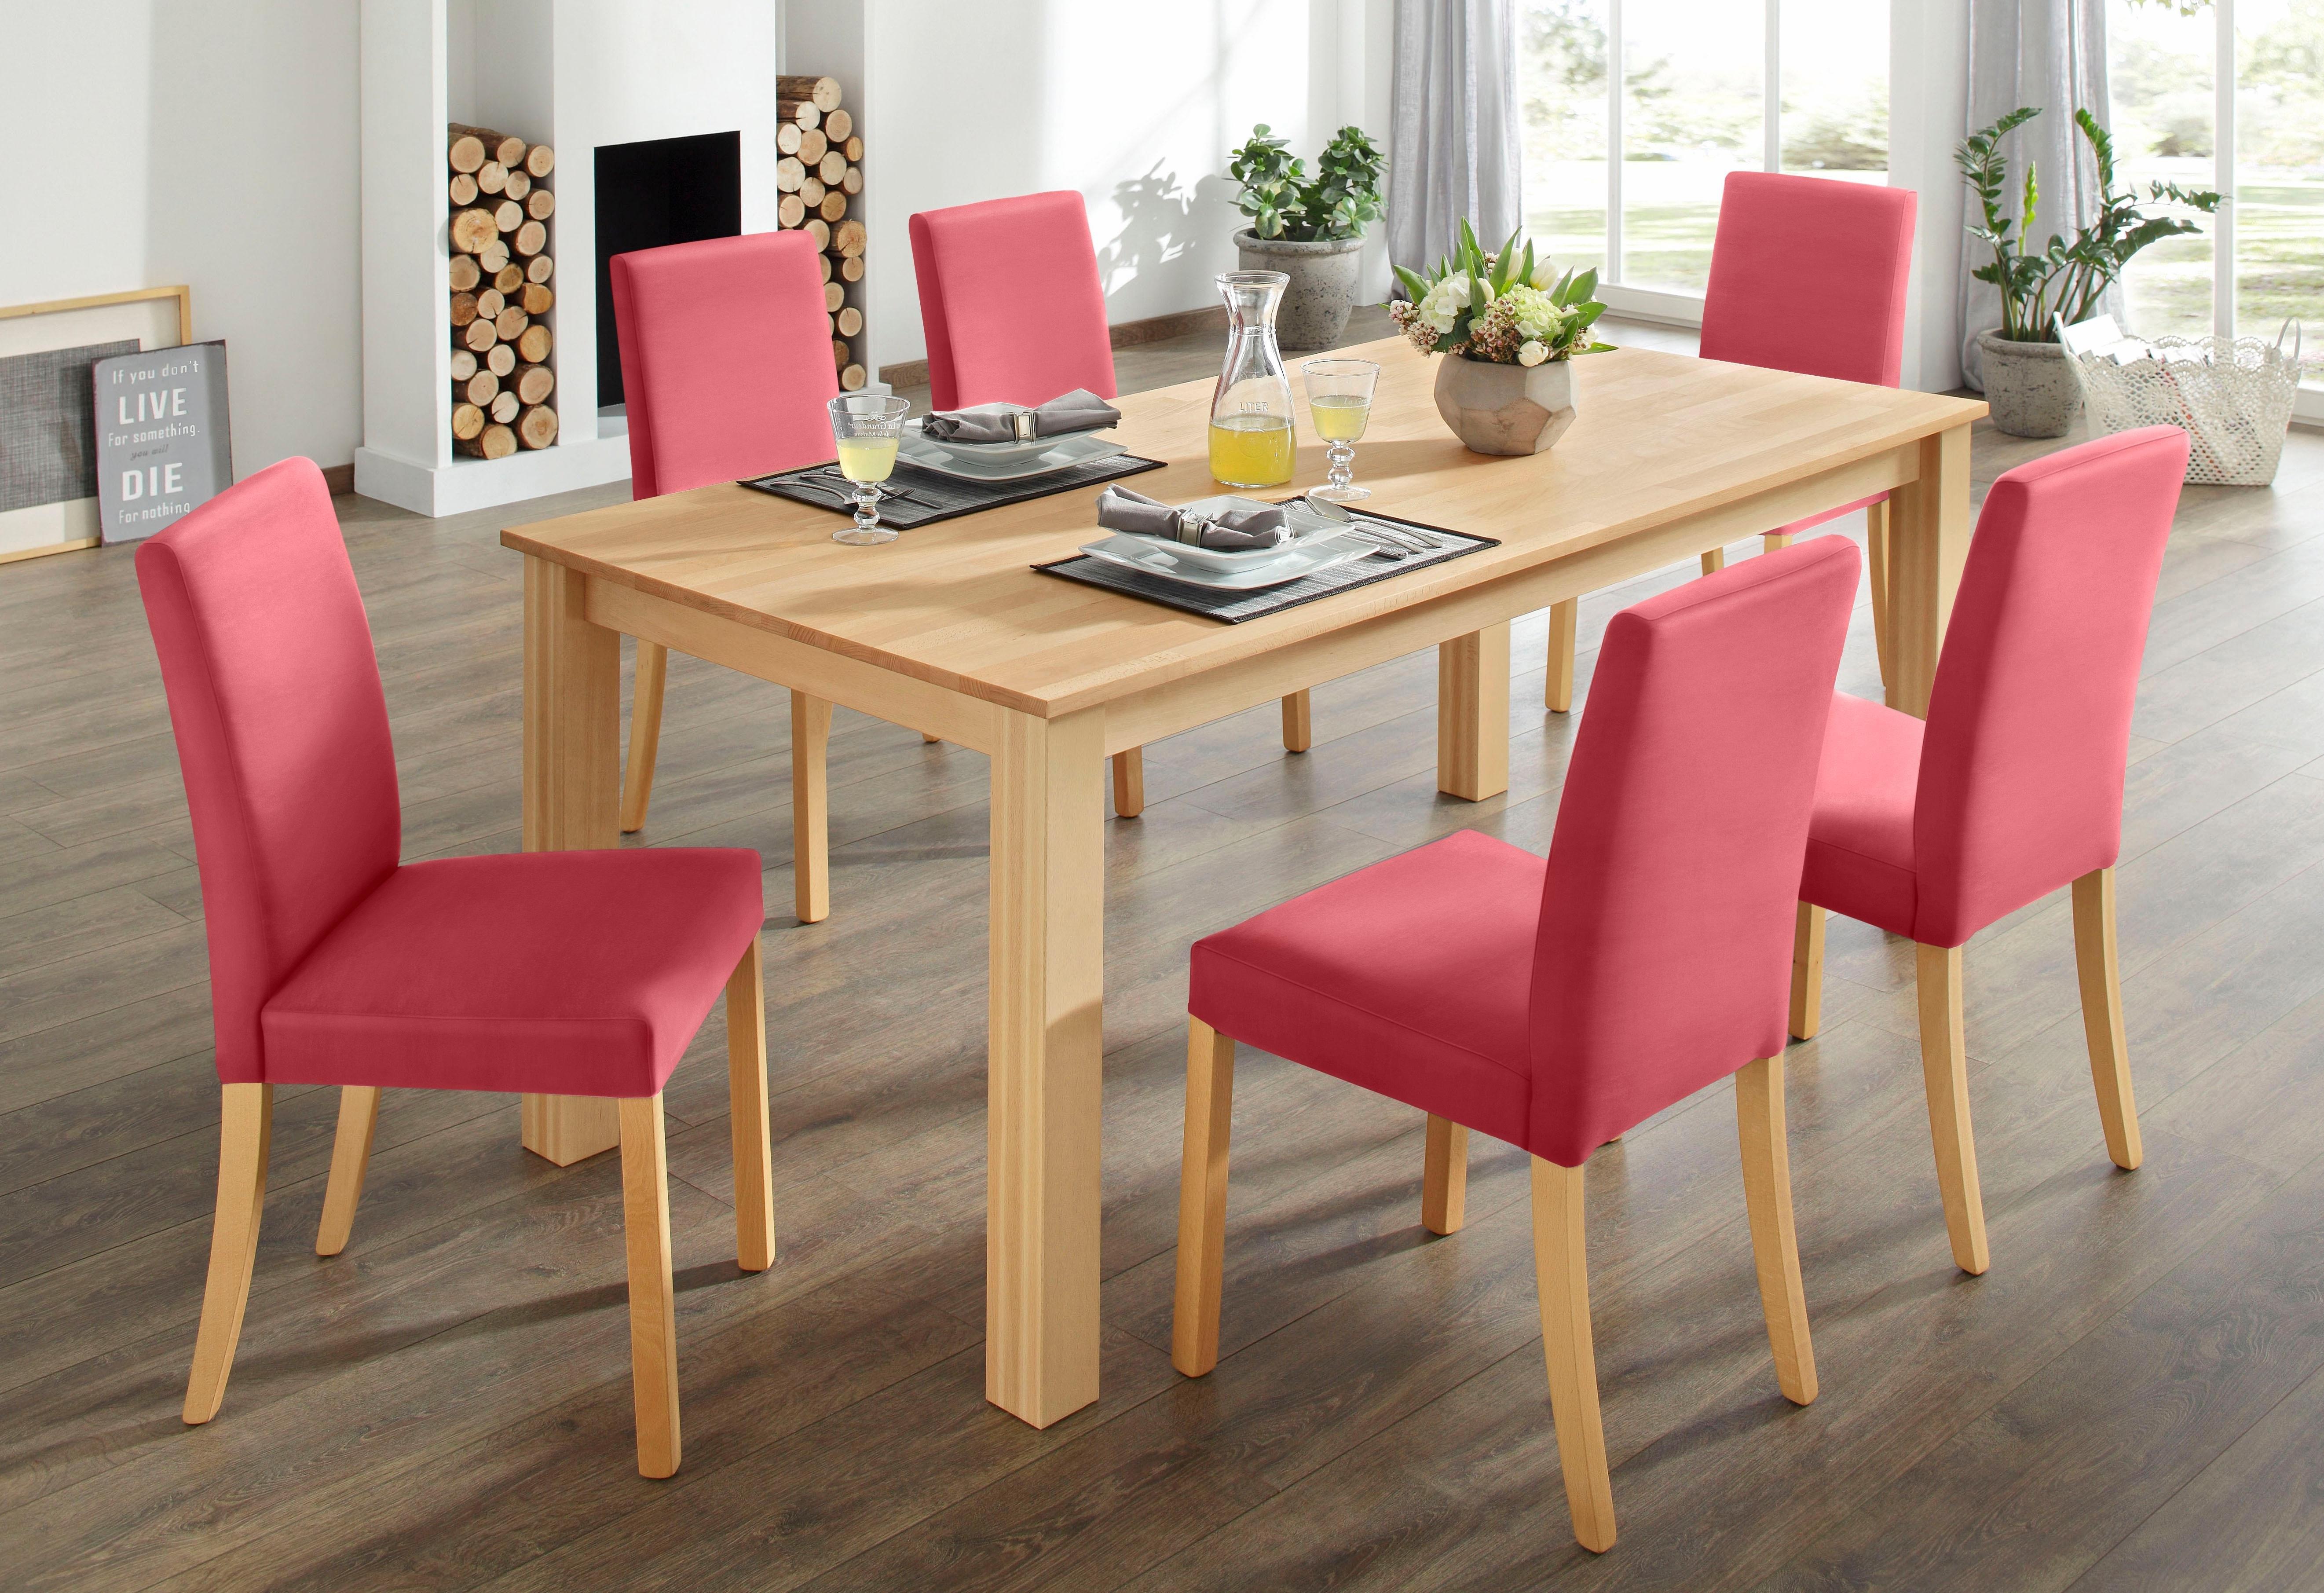 Awesome home affaire eetkamerset dlg with goedkope for Goedkope eettafel met stoelen